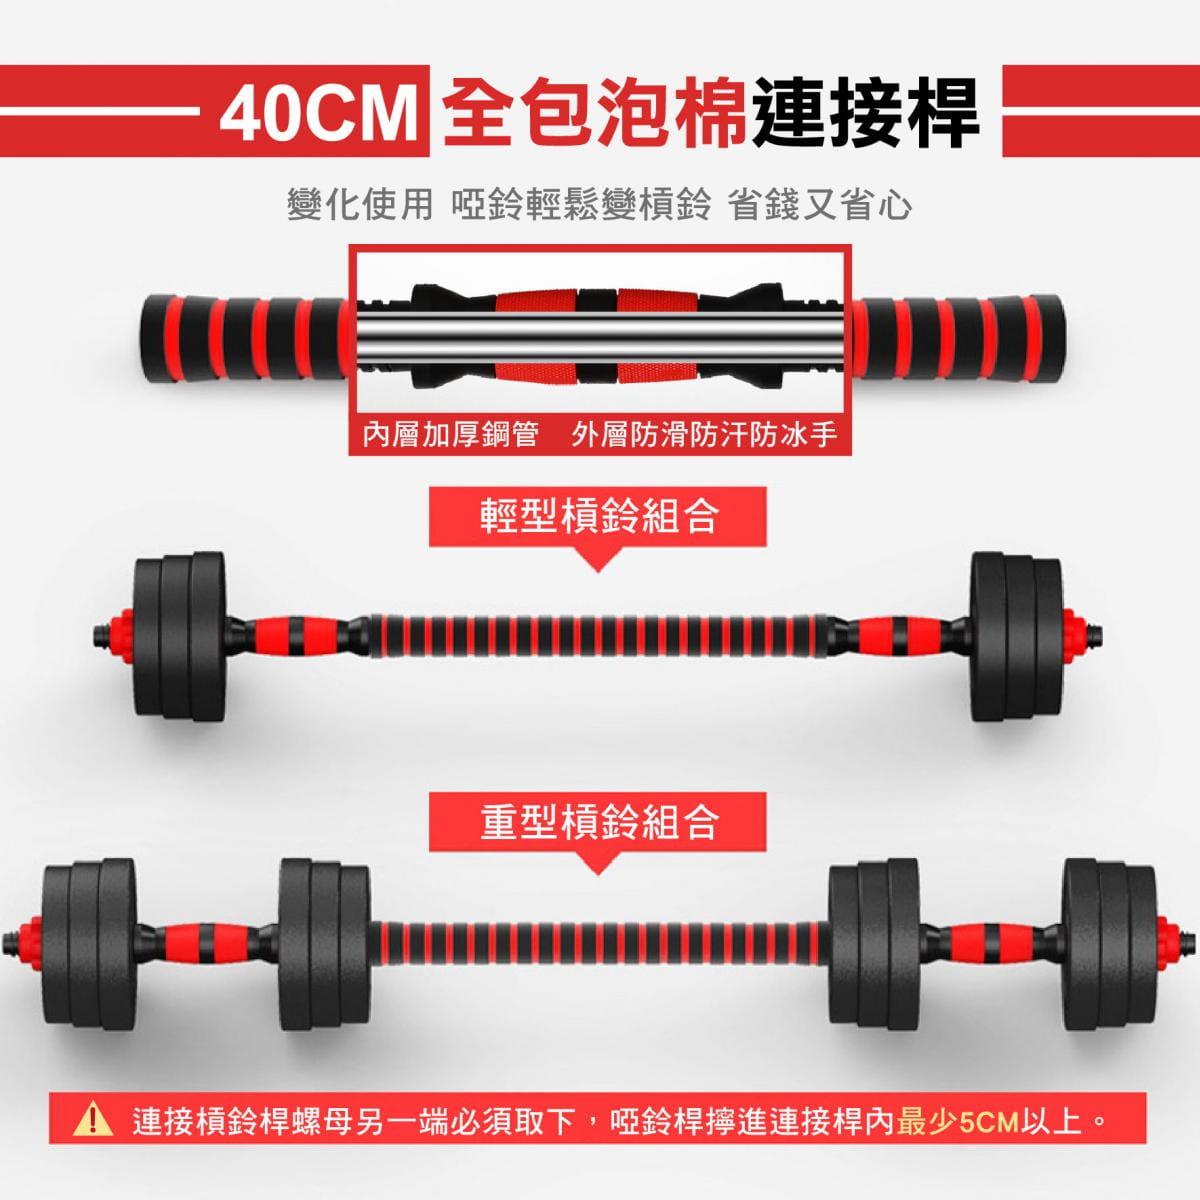 組合式環保啞鈴組 40kg 3